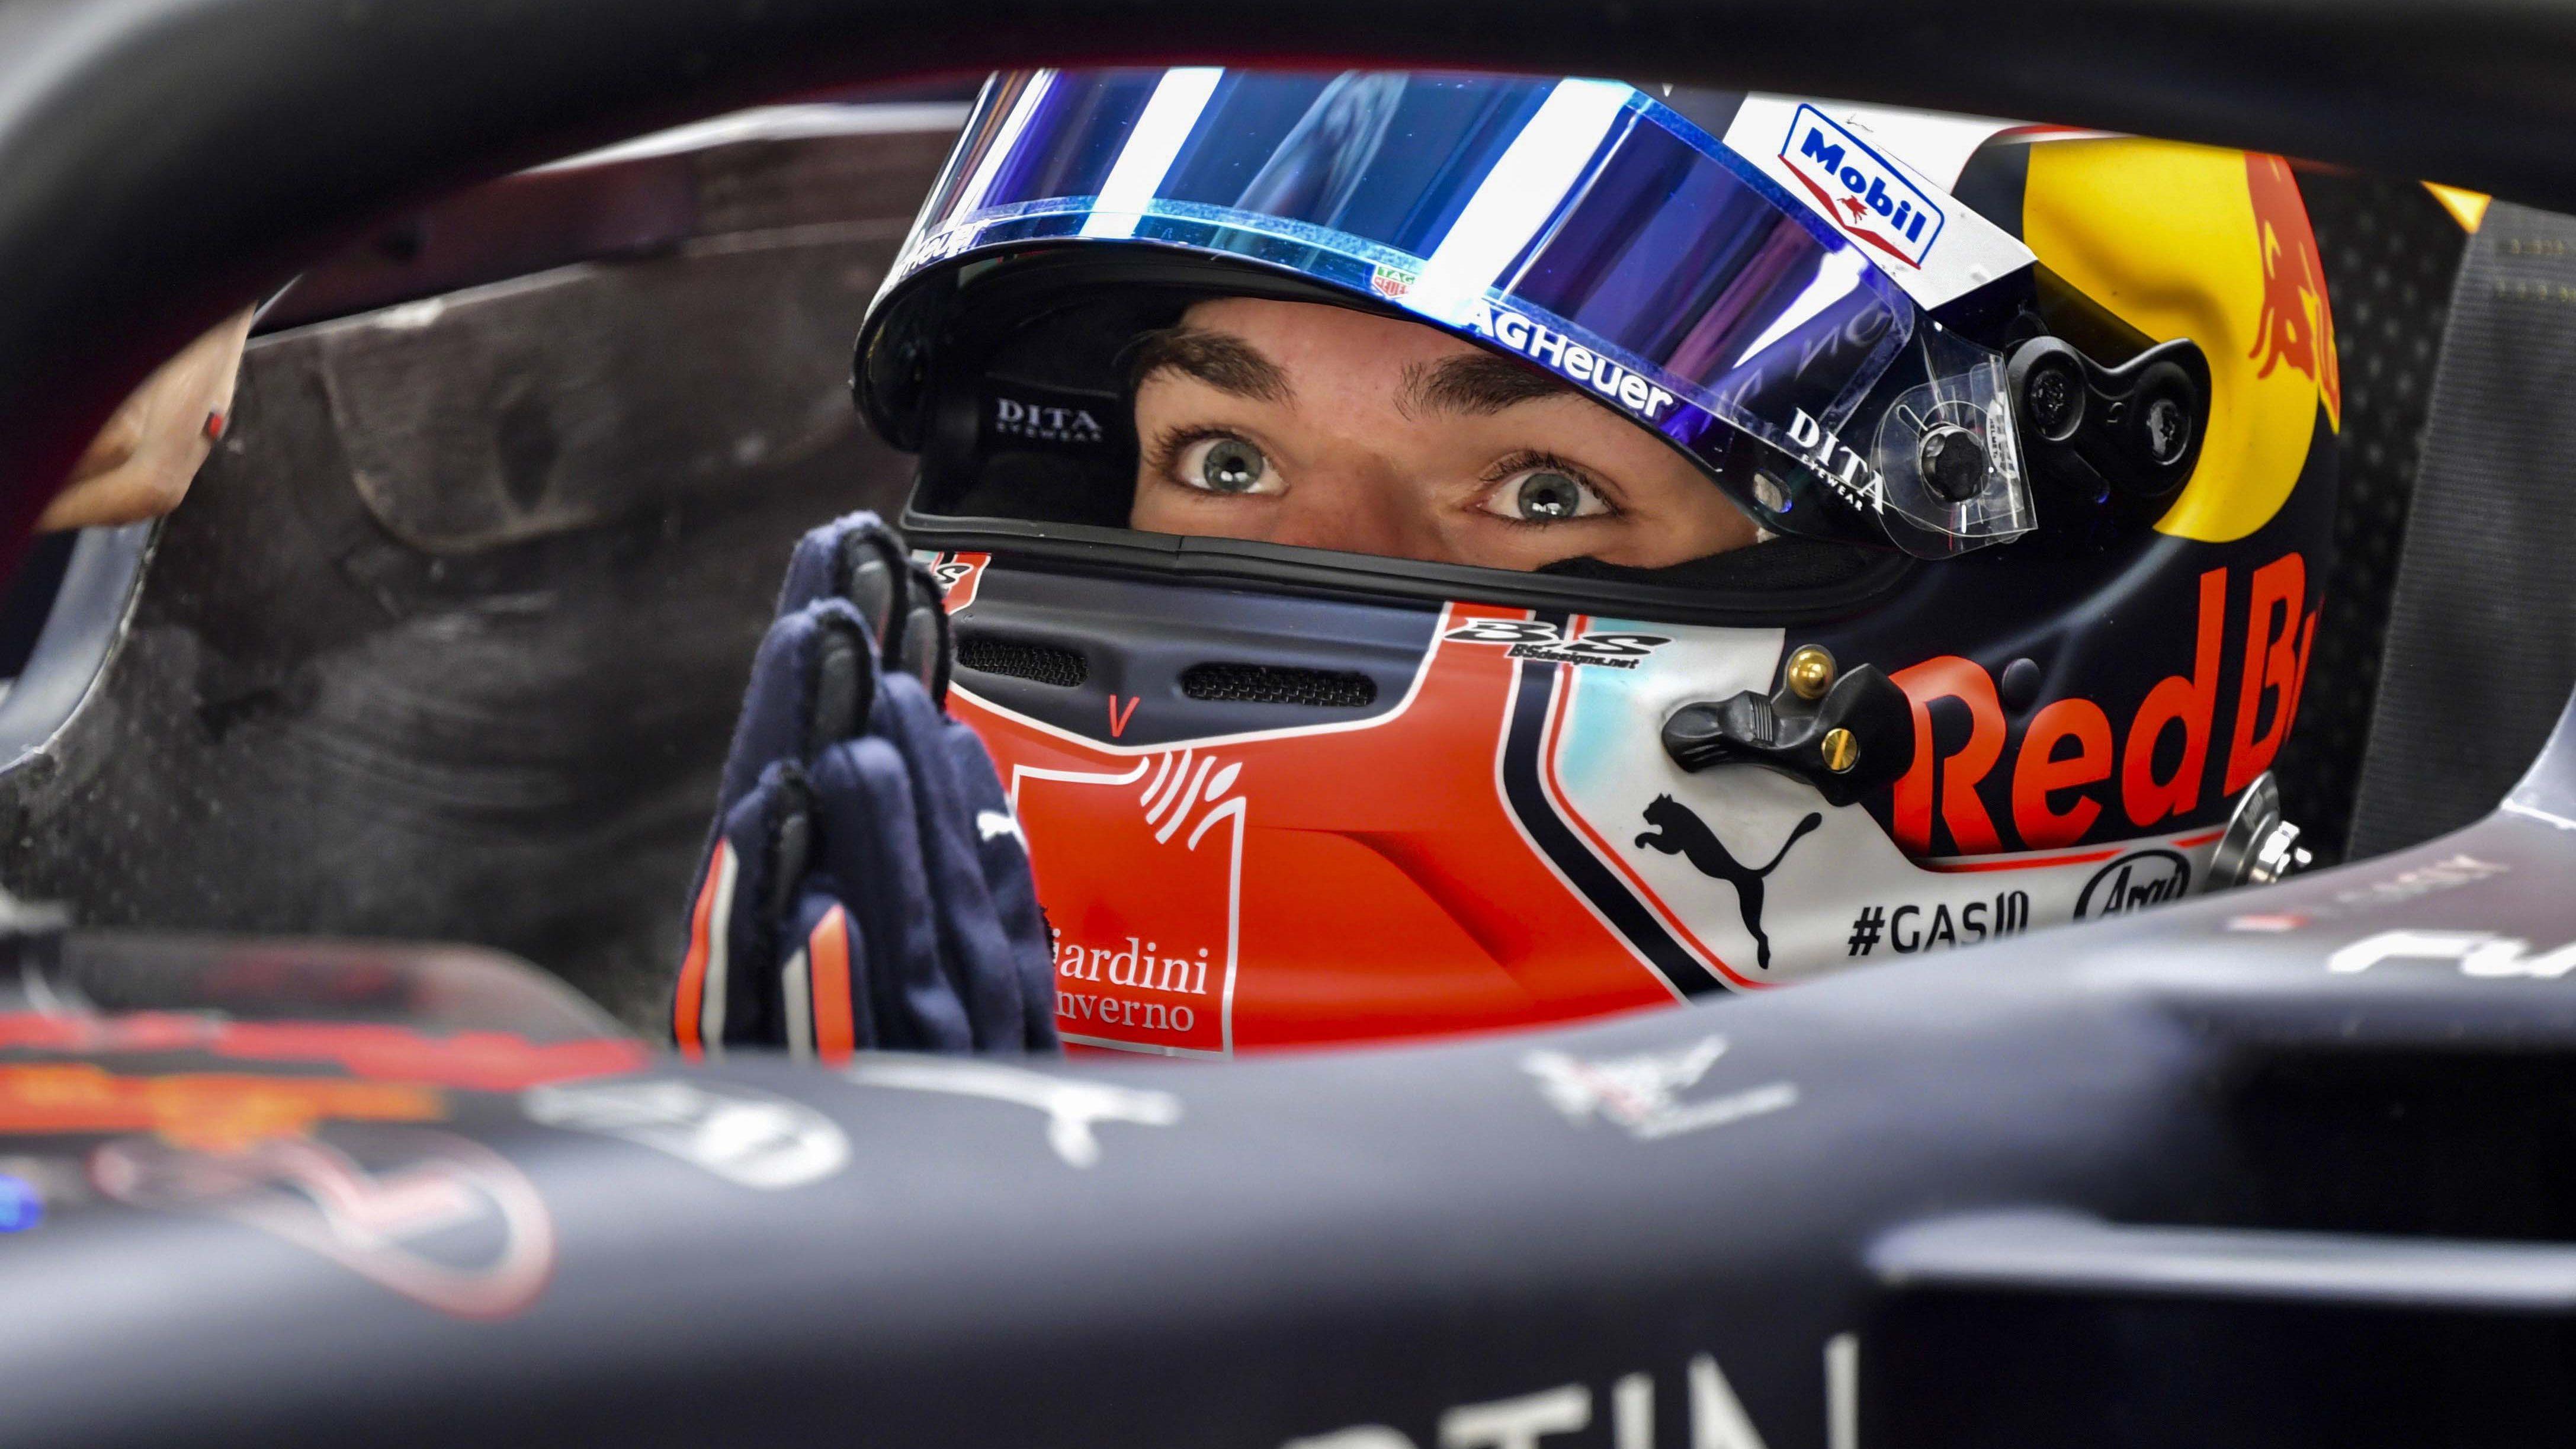 Formula 1, cada vez más joven